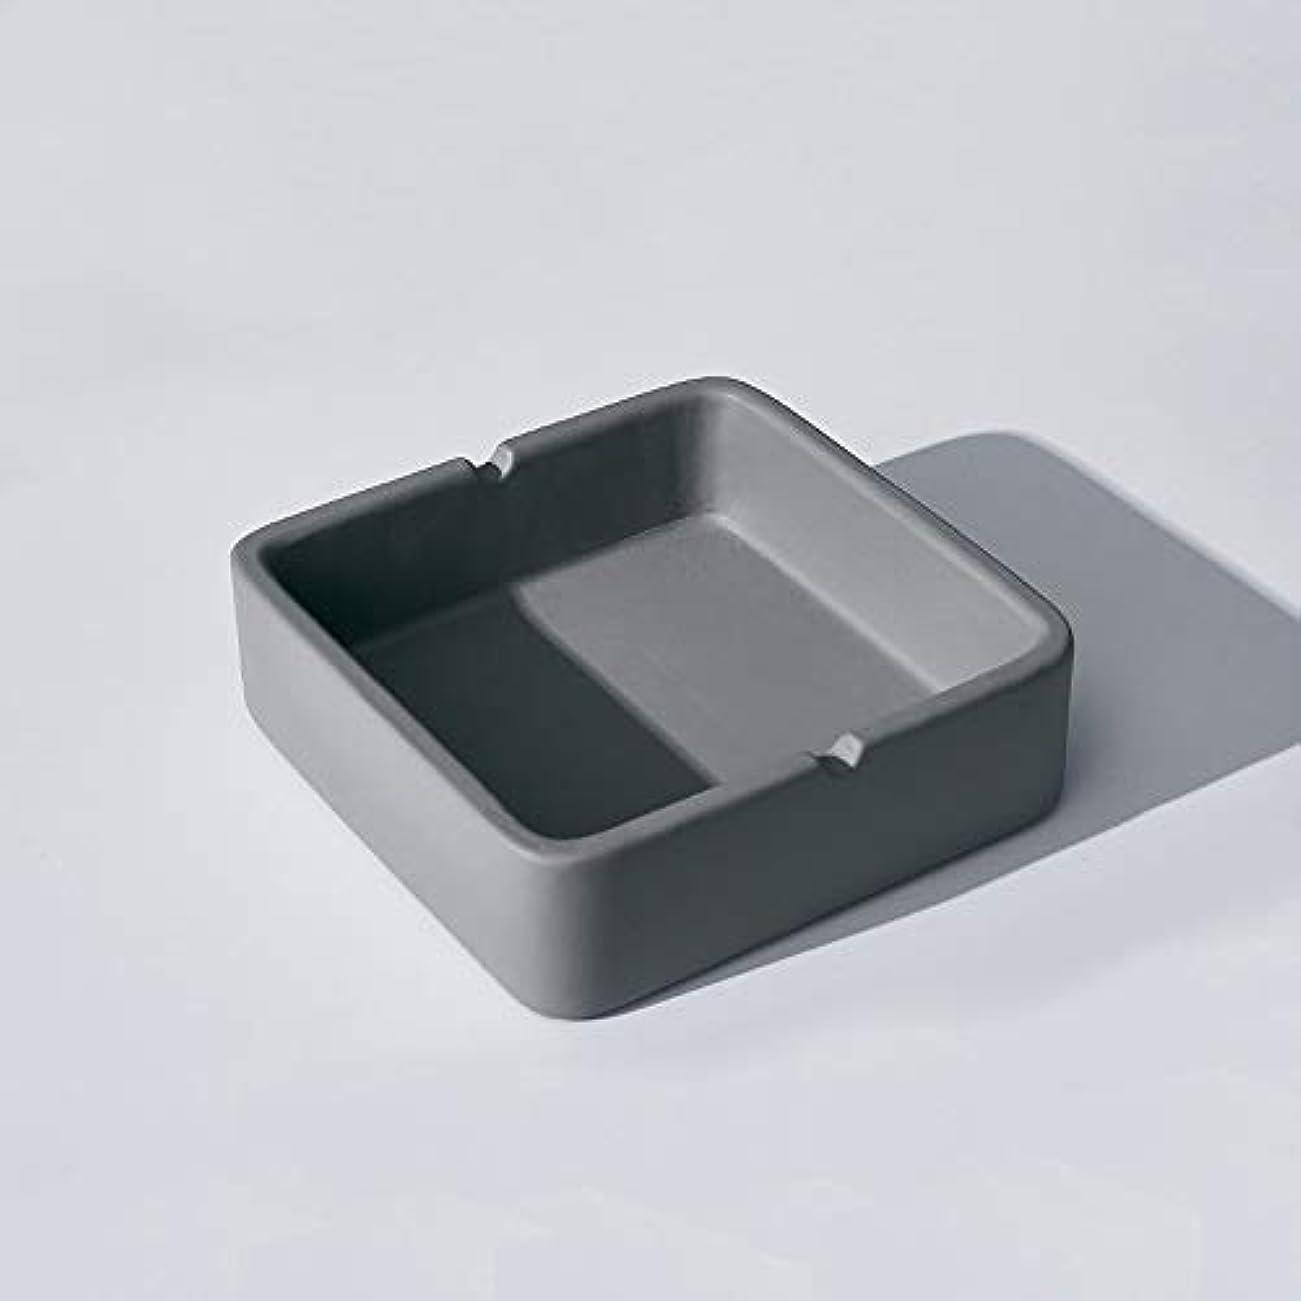 幻影懐疑論留め金正方形の灰皿、繊細なコンクリートの質感の灰皿、多人数使用シーンに適したパーソナライズされた屋外の灰皿の装飾 (Size : S)